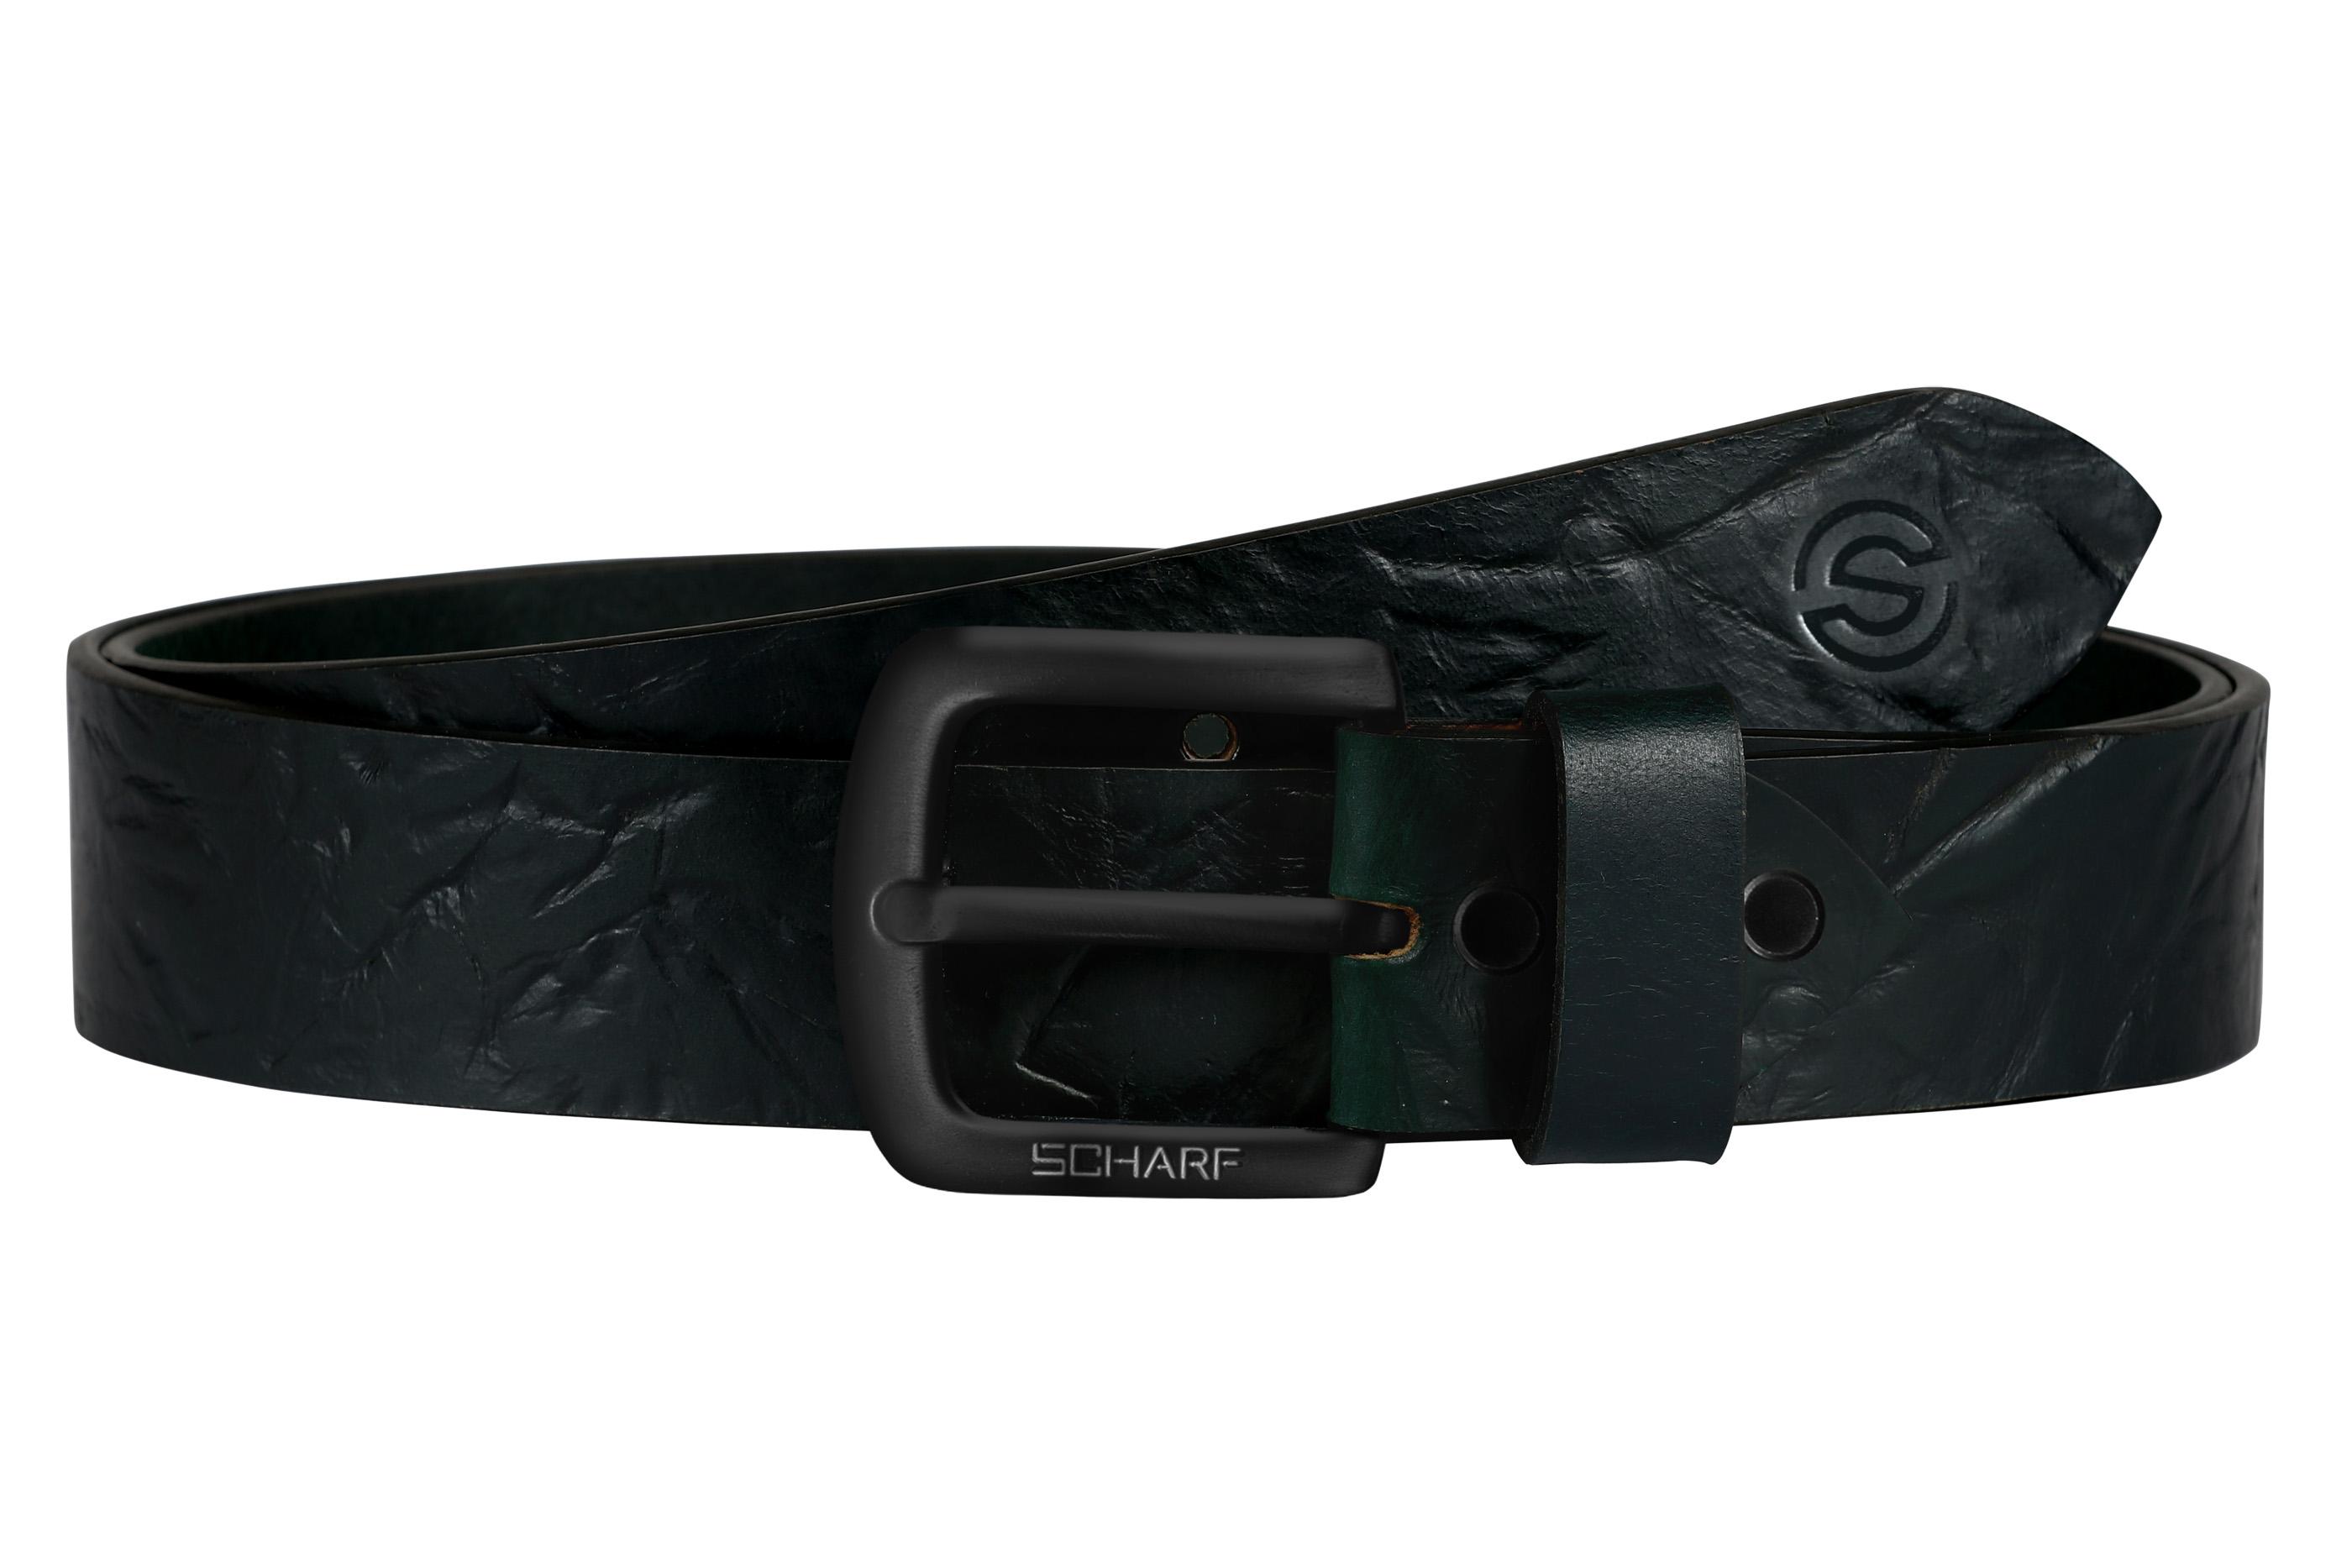 SCHARF | SCHARF Casual Leather Men's Belt Green